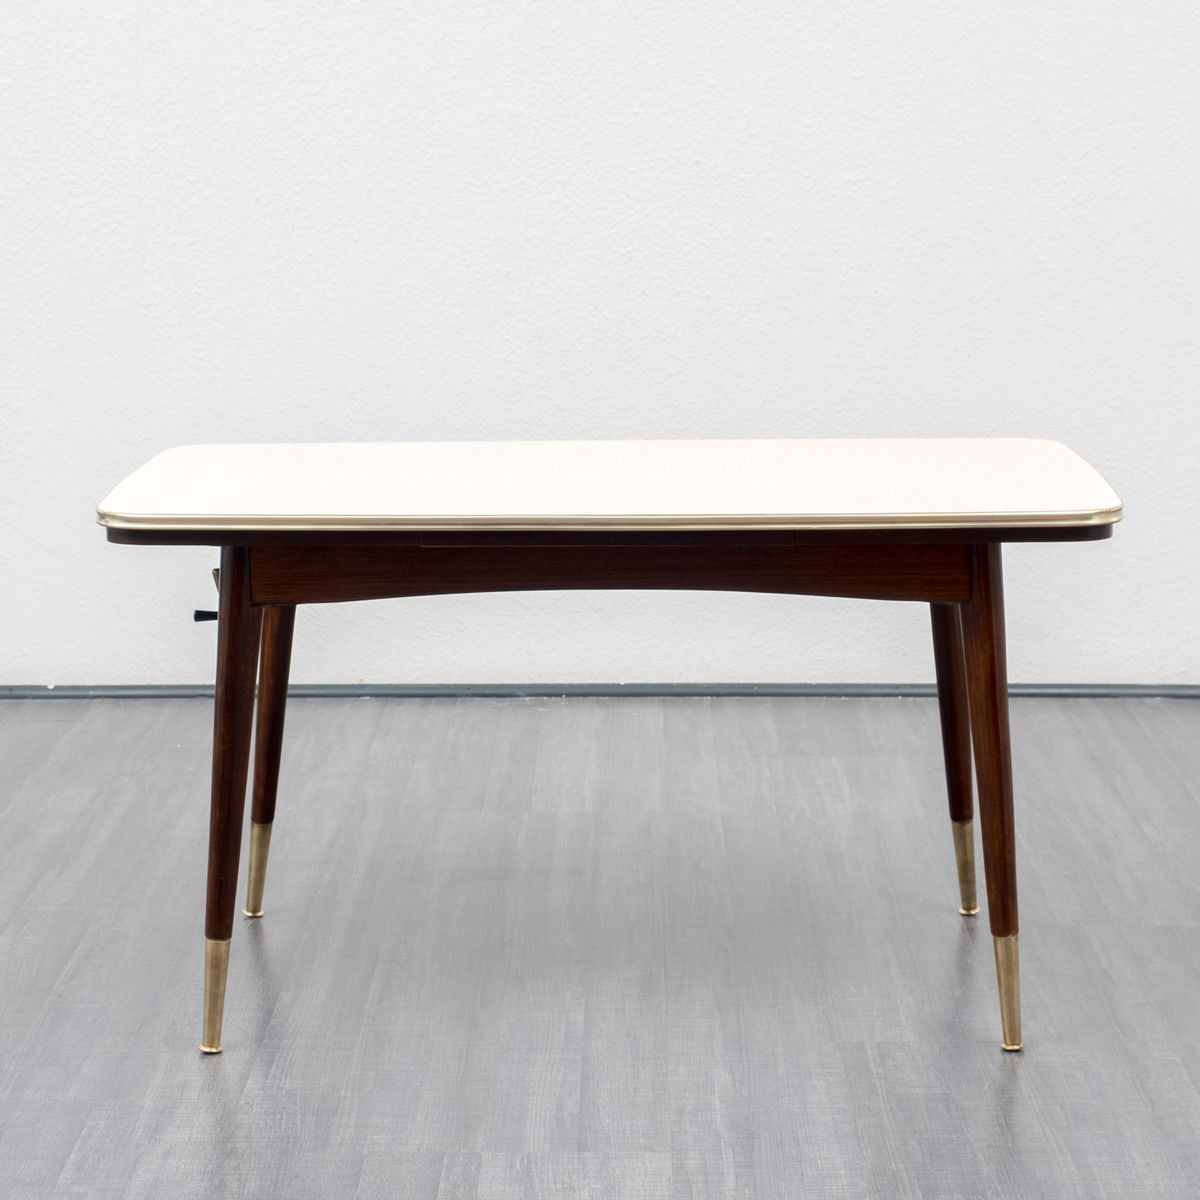 h henverstellbarer ausziehbarer esstisch 1950er bei. Black Bedroom Furniture Sets. Home Design Ideas